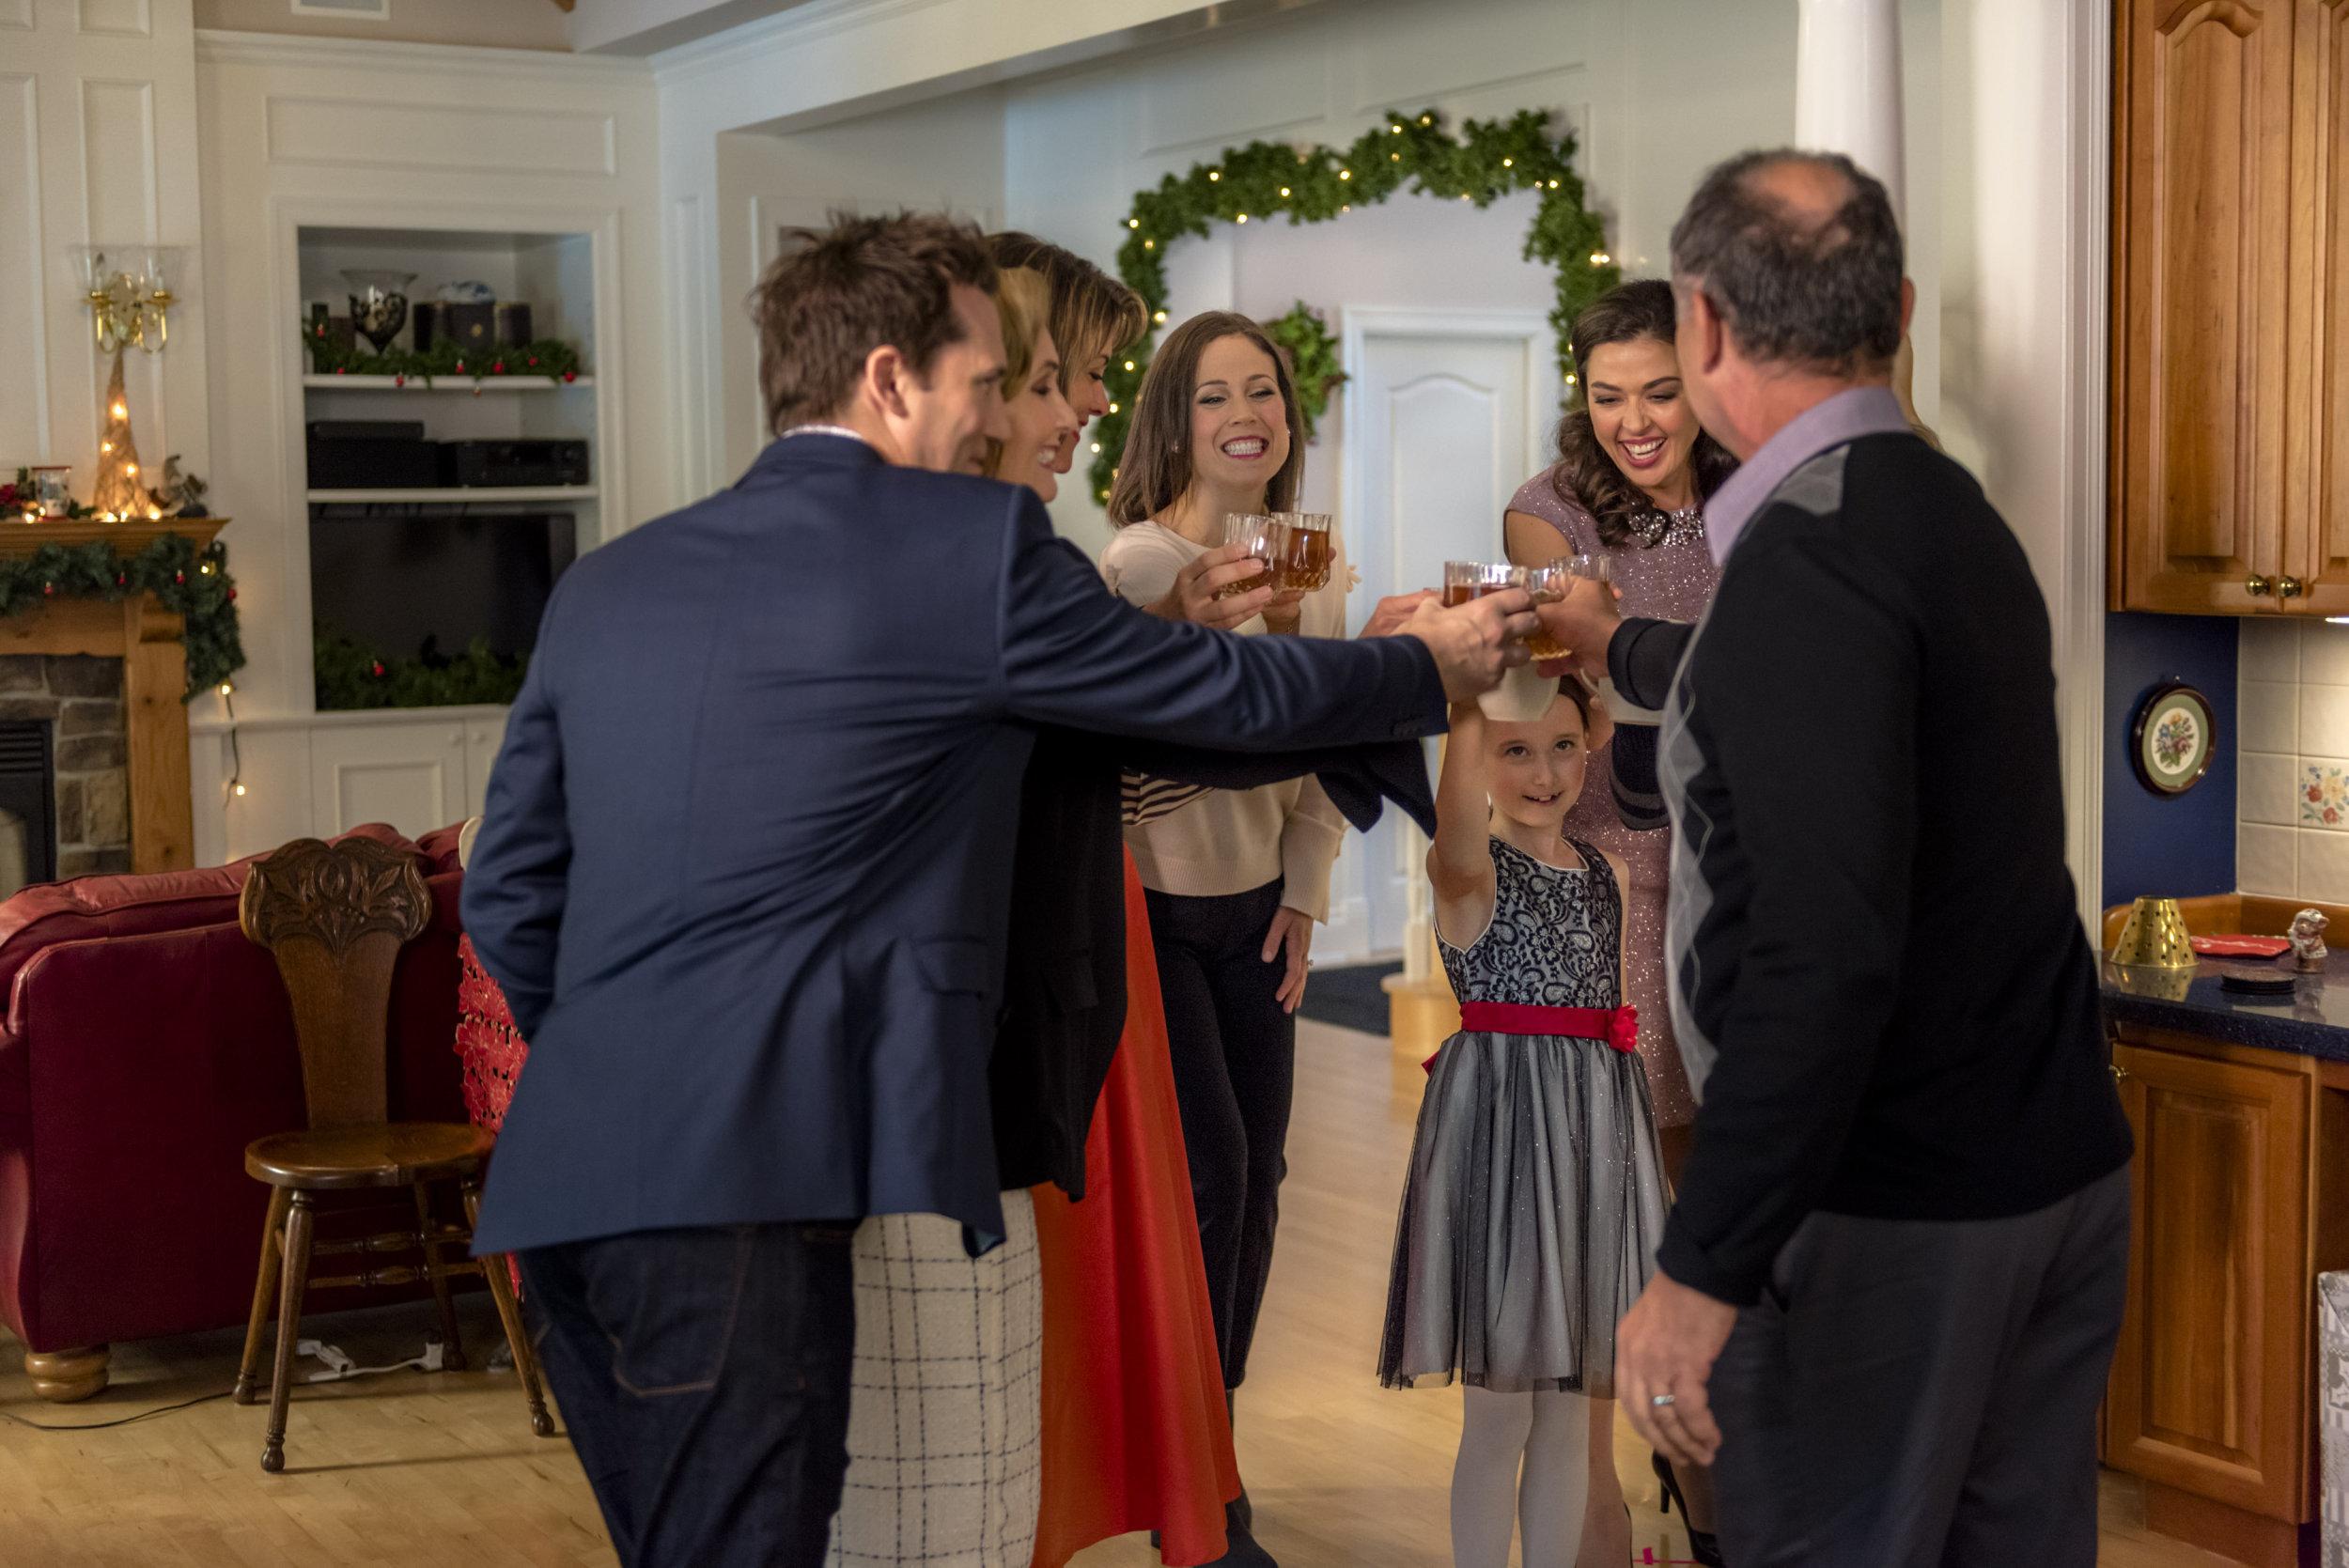 hallmark movies christmas love story full movie